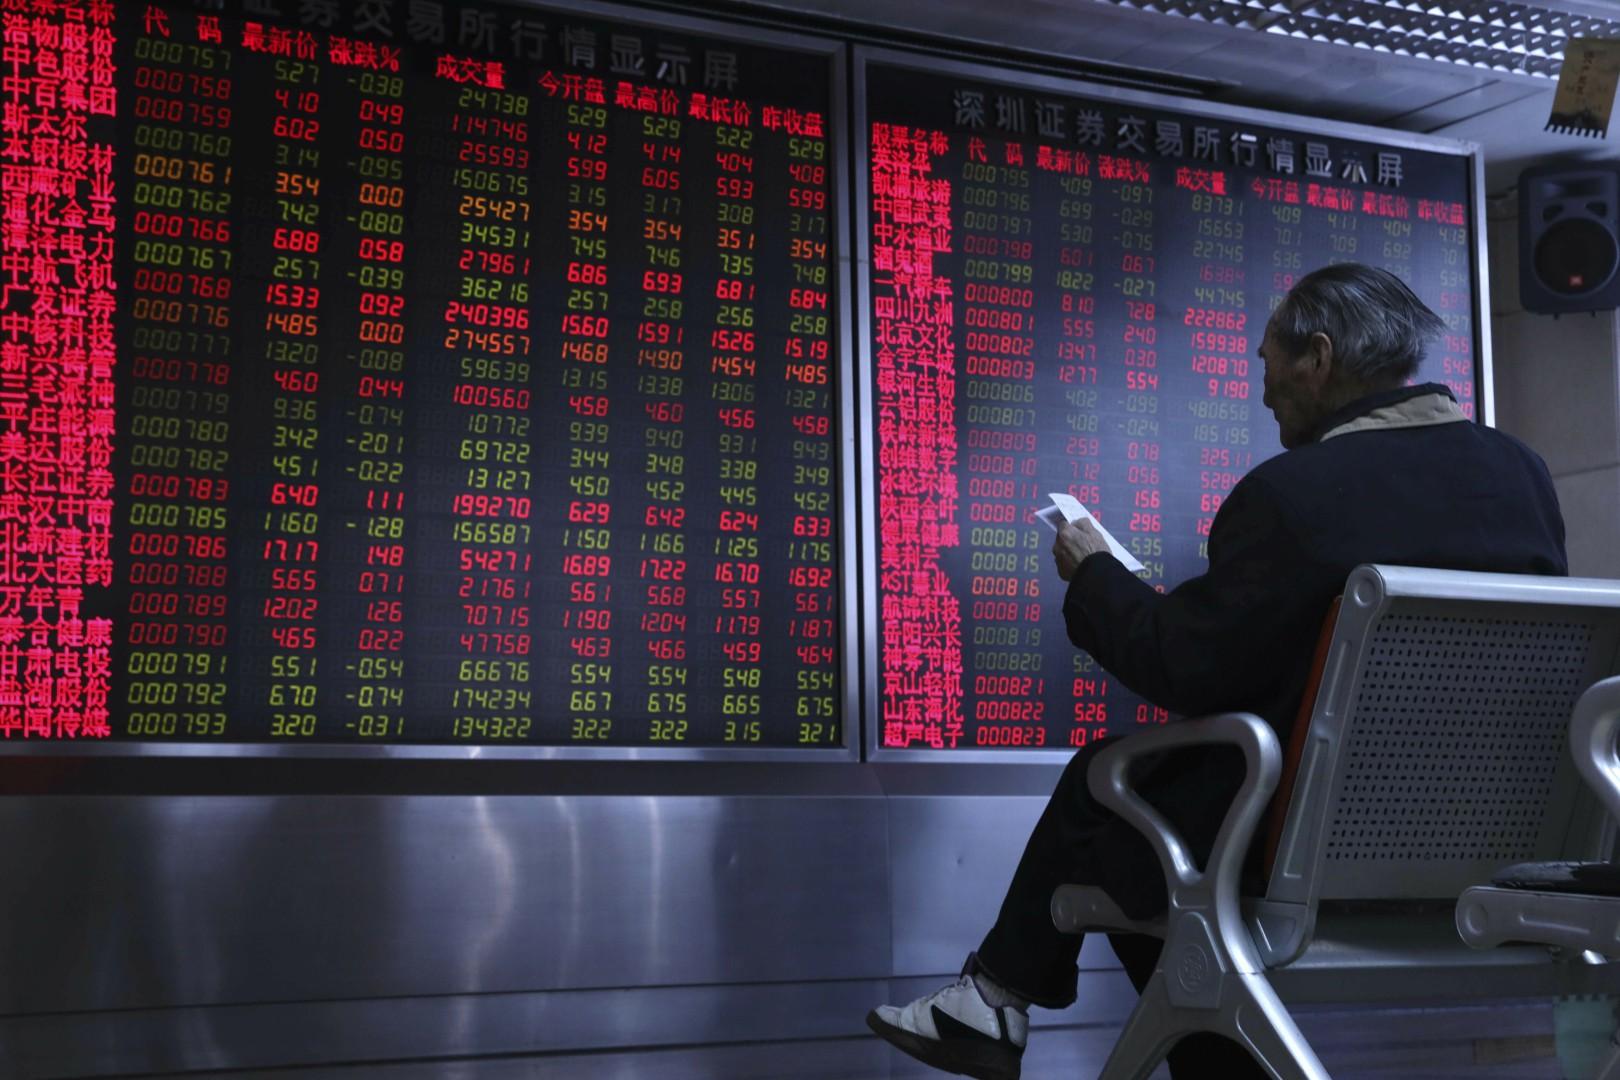 ba1b40e028 Stocks Blog  Hang Seng Index rises on China s pledge to liberalise ...